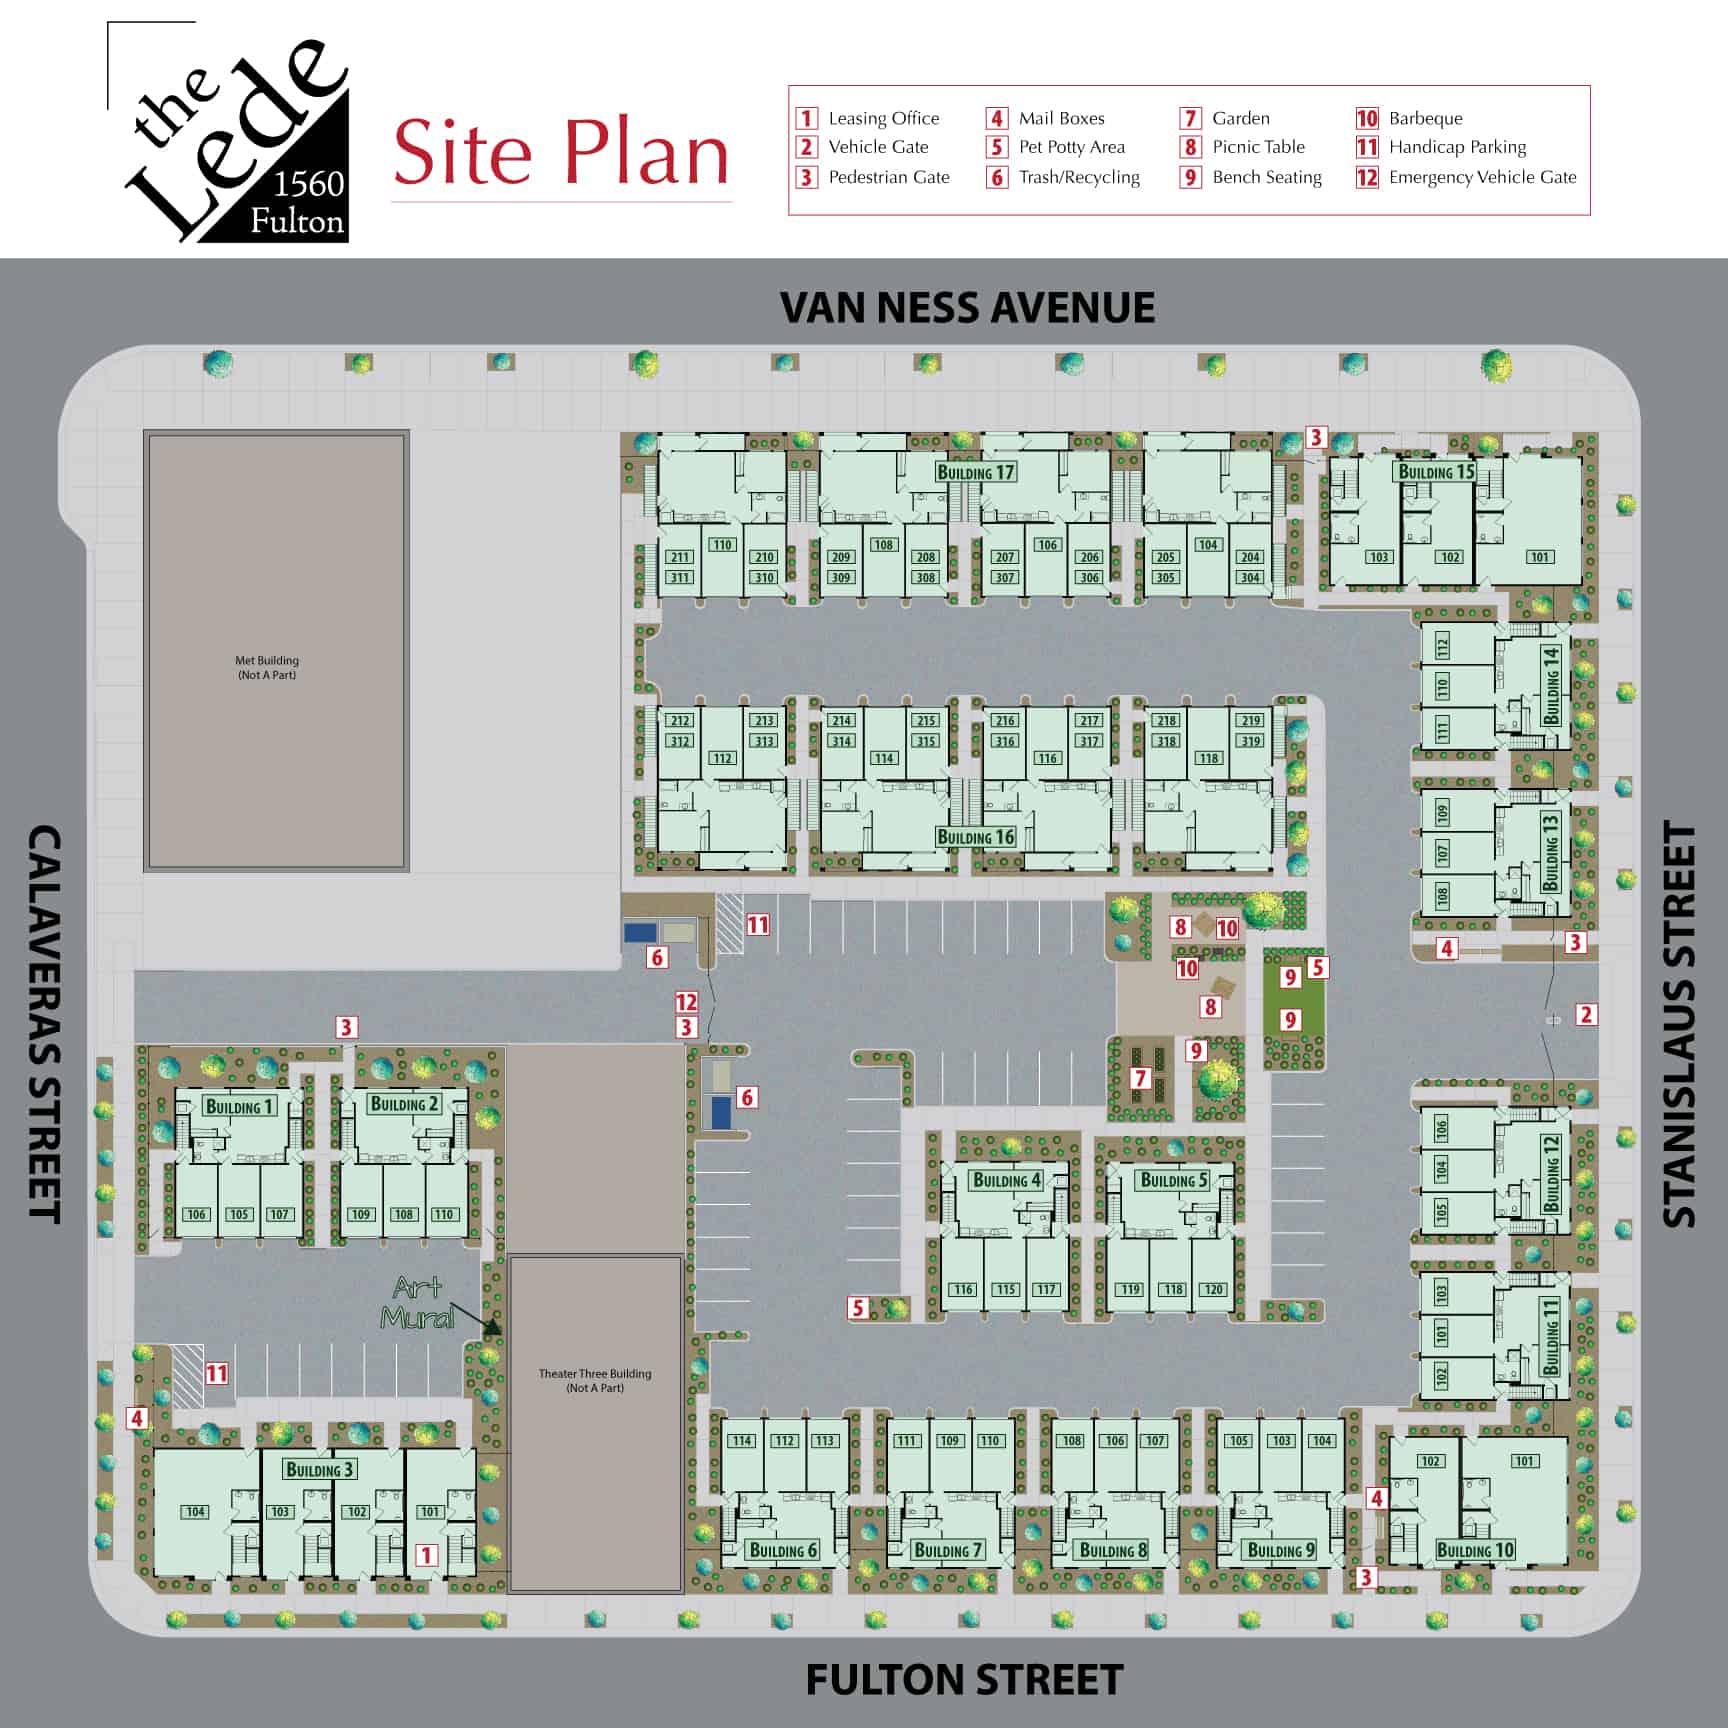 The Lede - Site Plan